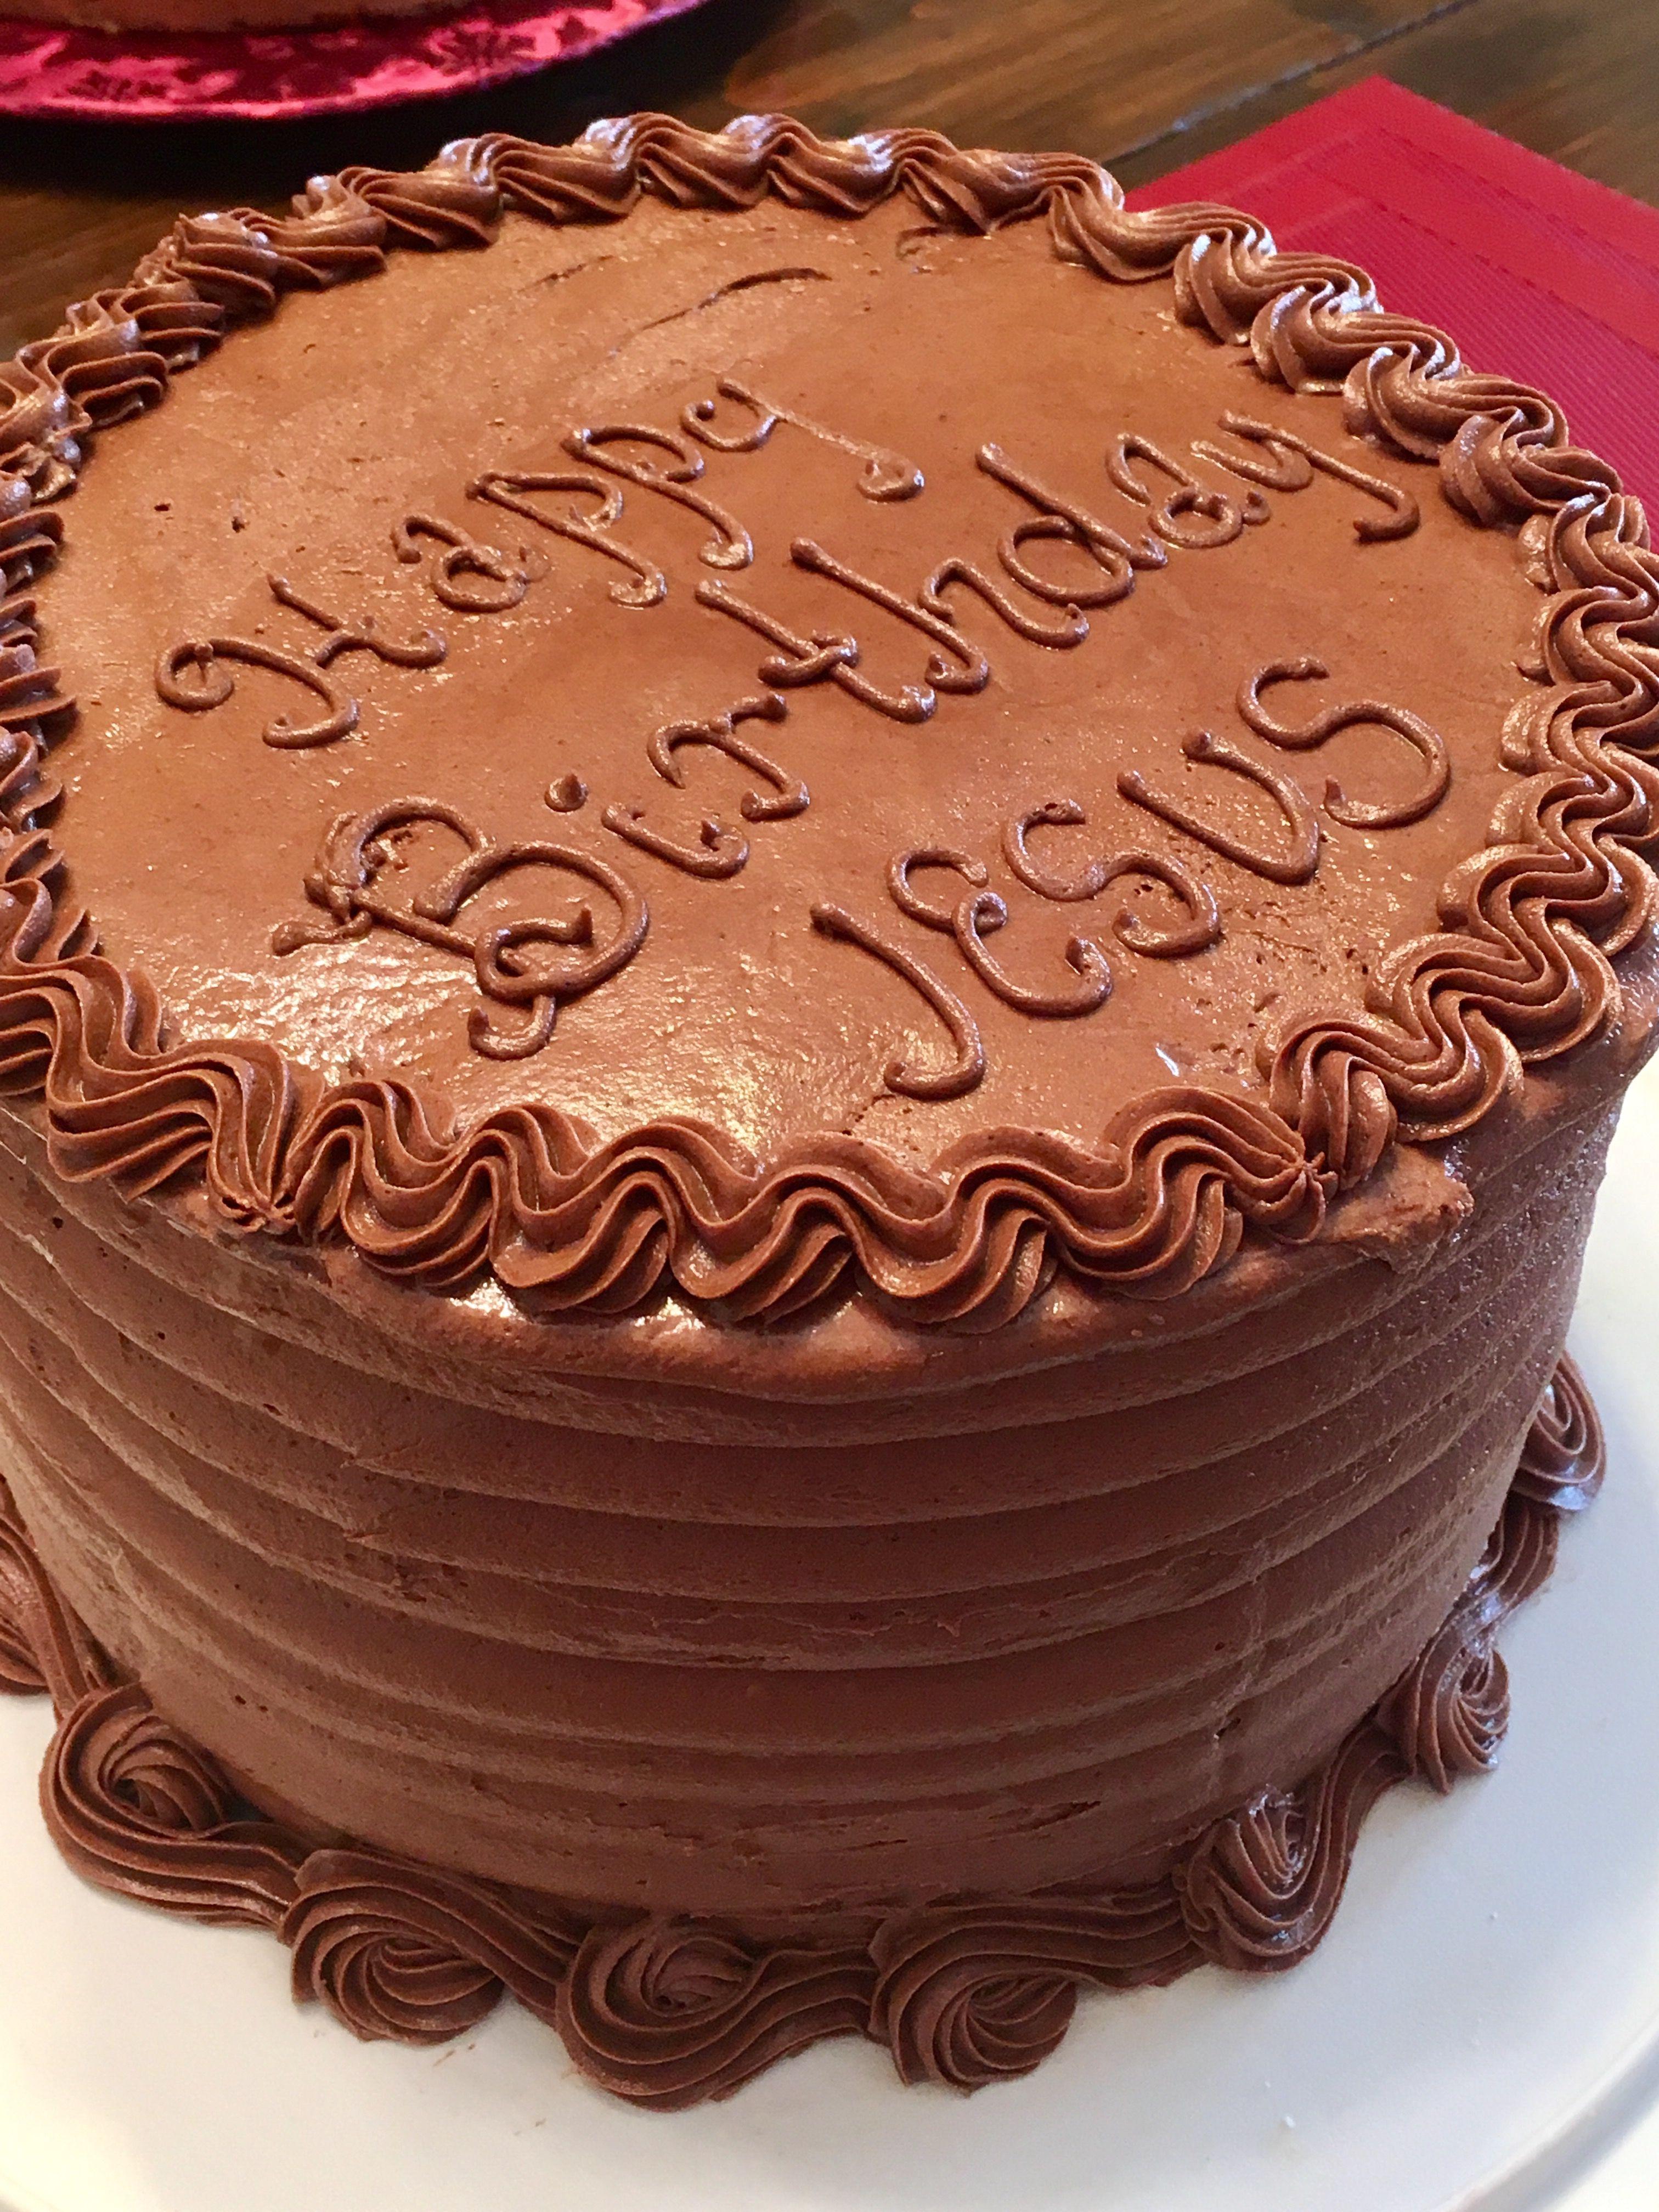 Happy birthday jesus cake cake desserts happy birthday